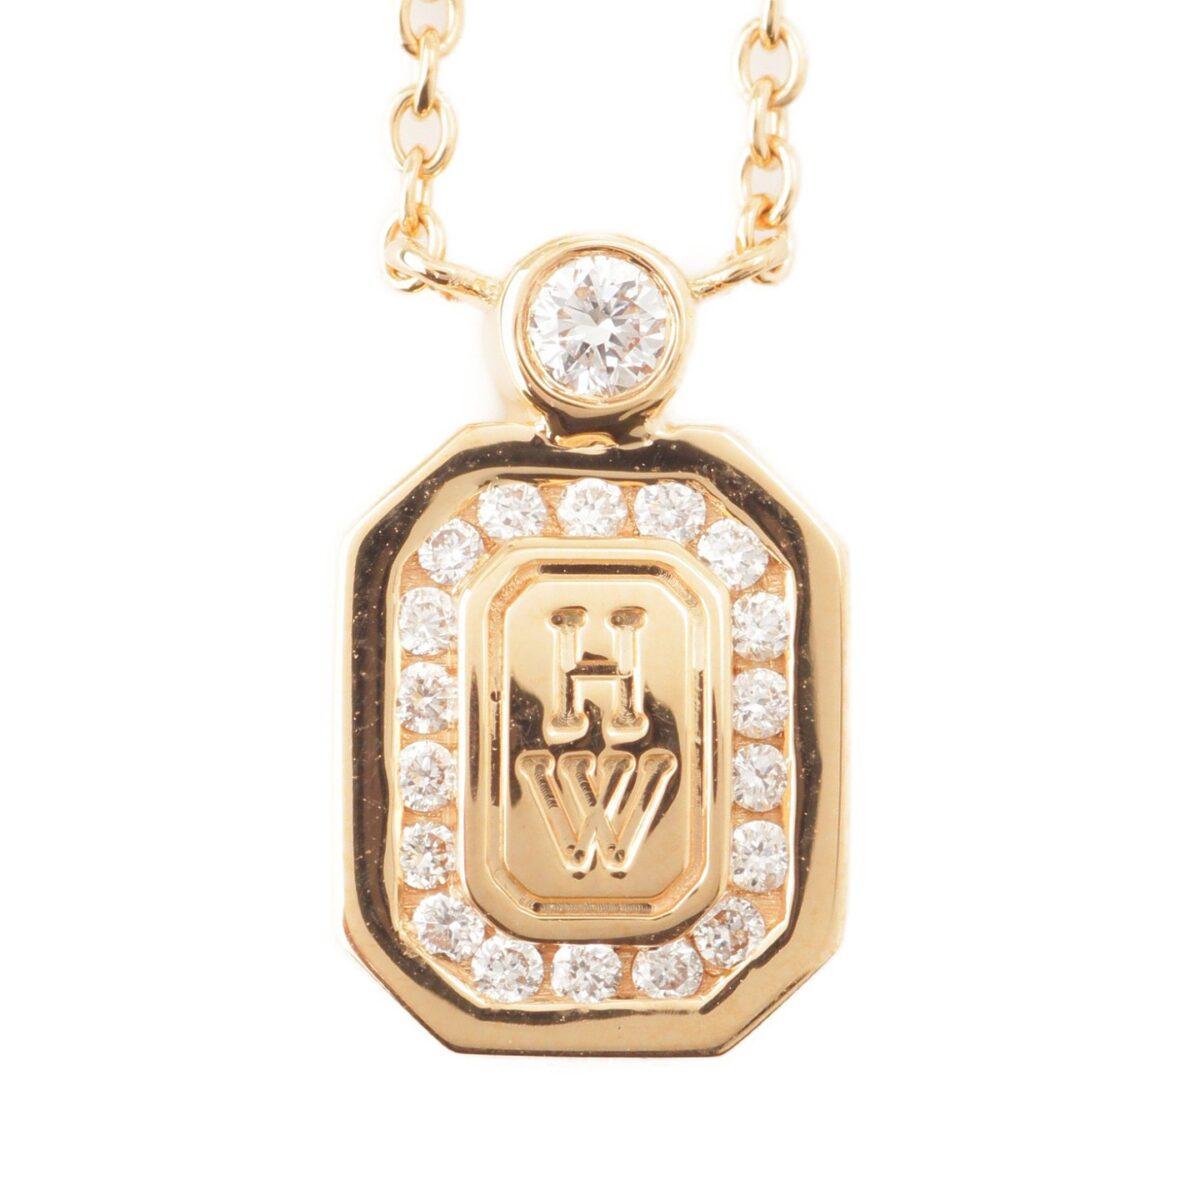 ハリーウィンストン HWロゴ ローズゴールド ダイヤモンド ペンダント バイハリー ウィンストン 750PG